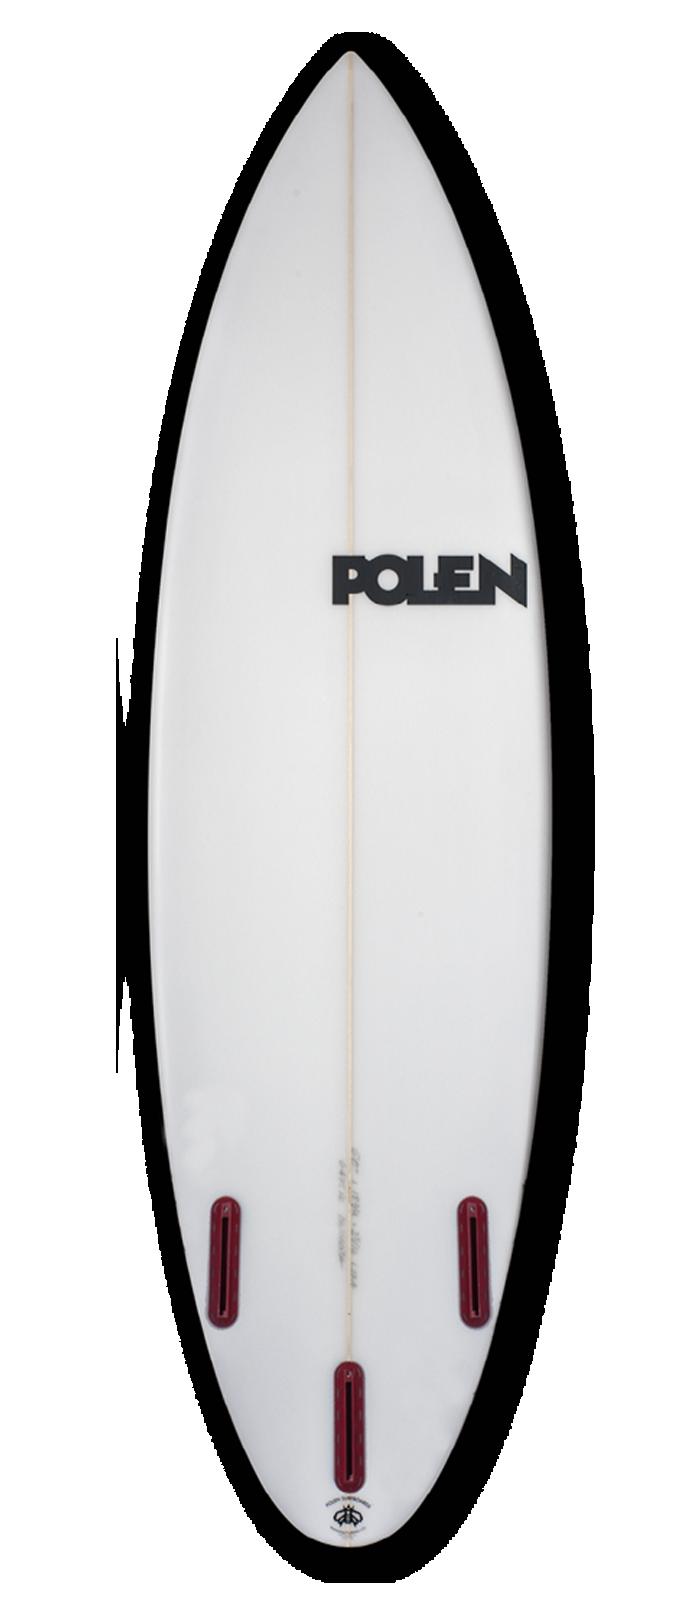 MARGARITA surfboard model bottom